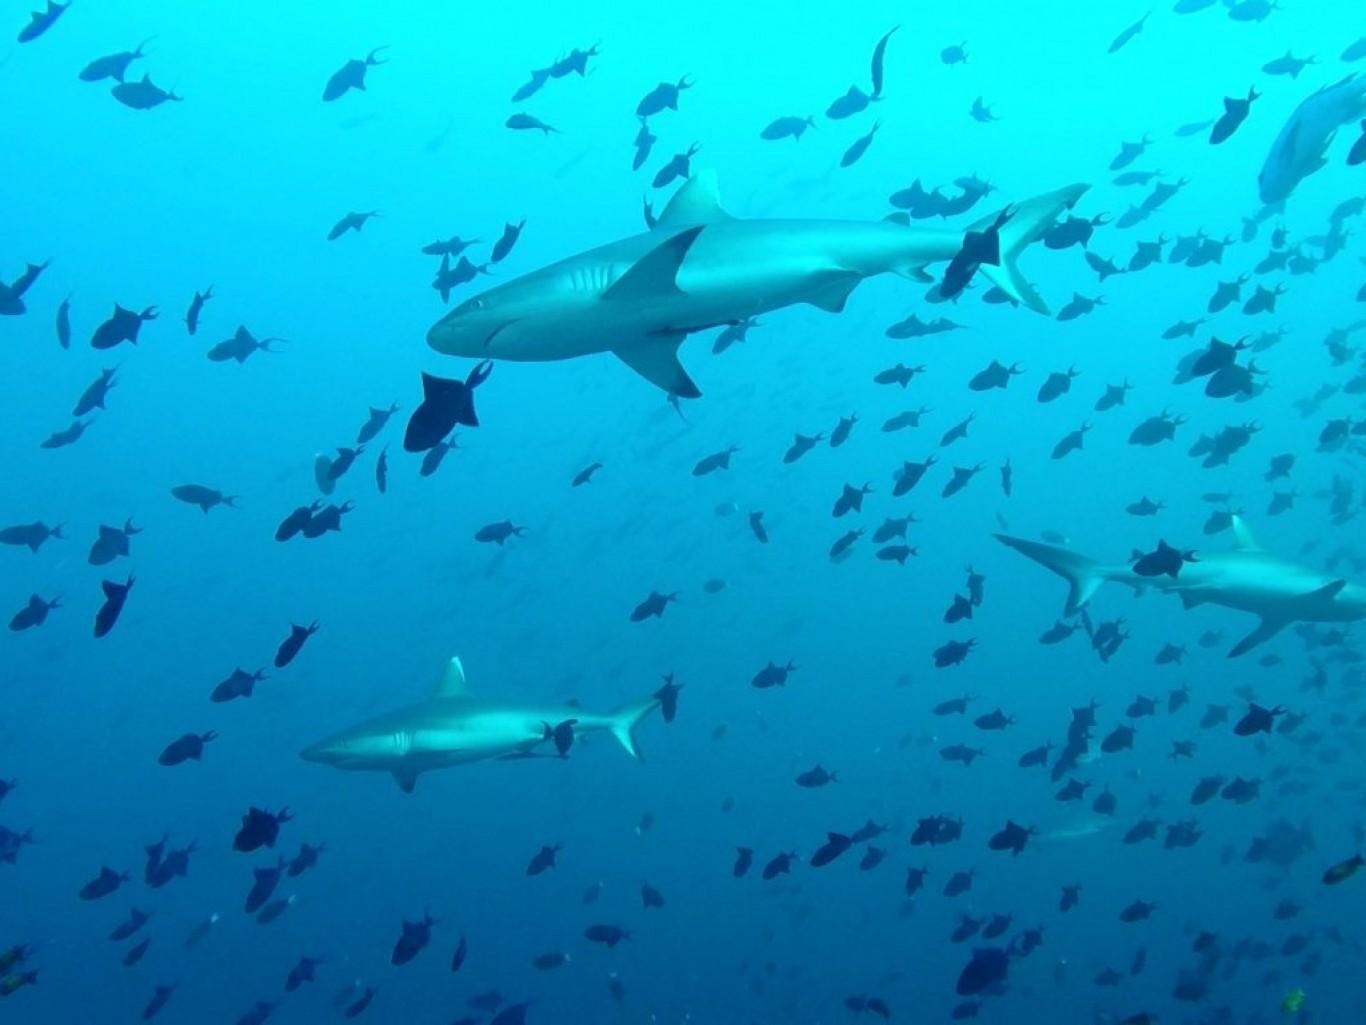 hajogsmåfiksdykkergitte